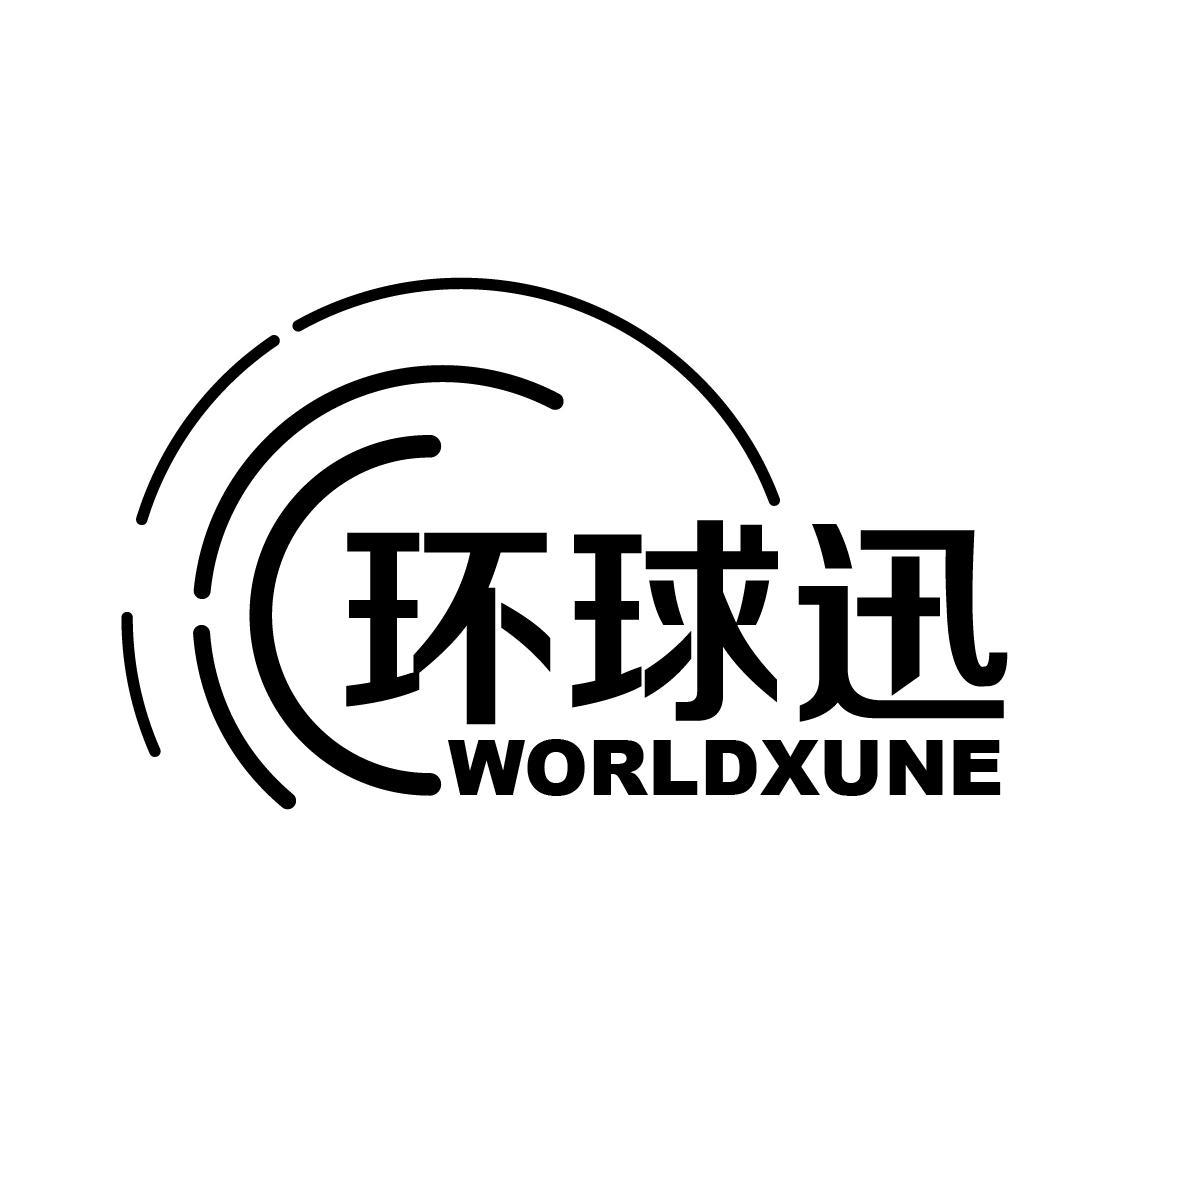 环球迅WORLDXUNE